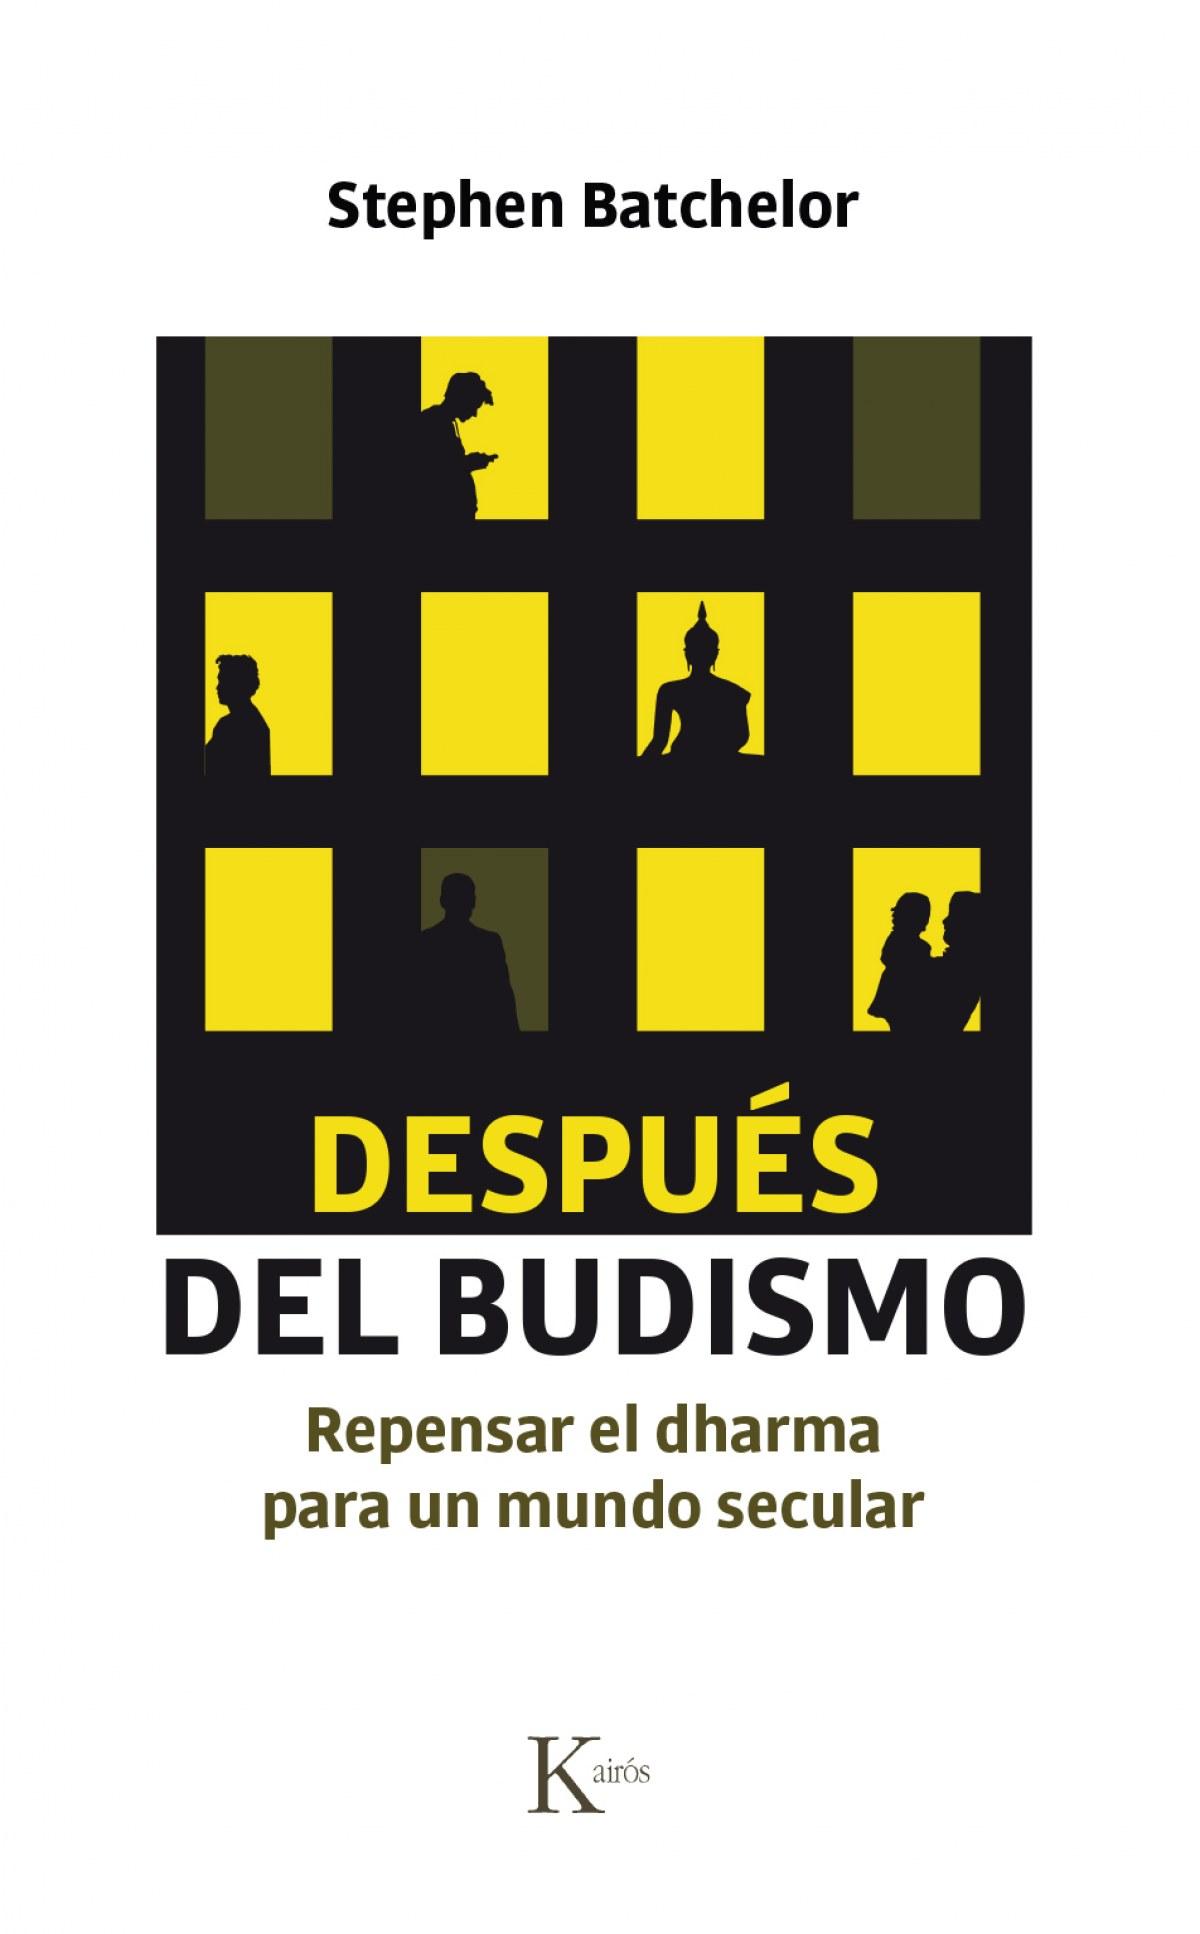 DESPUÈS DED BUDISMO